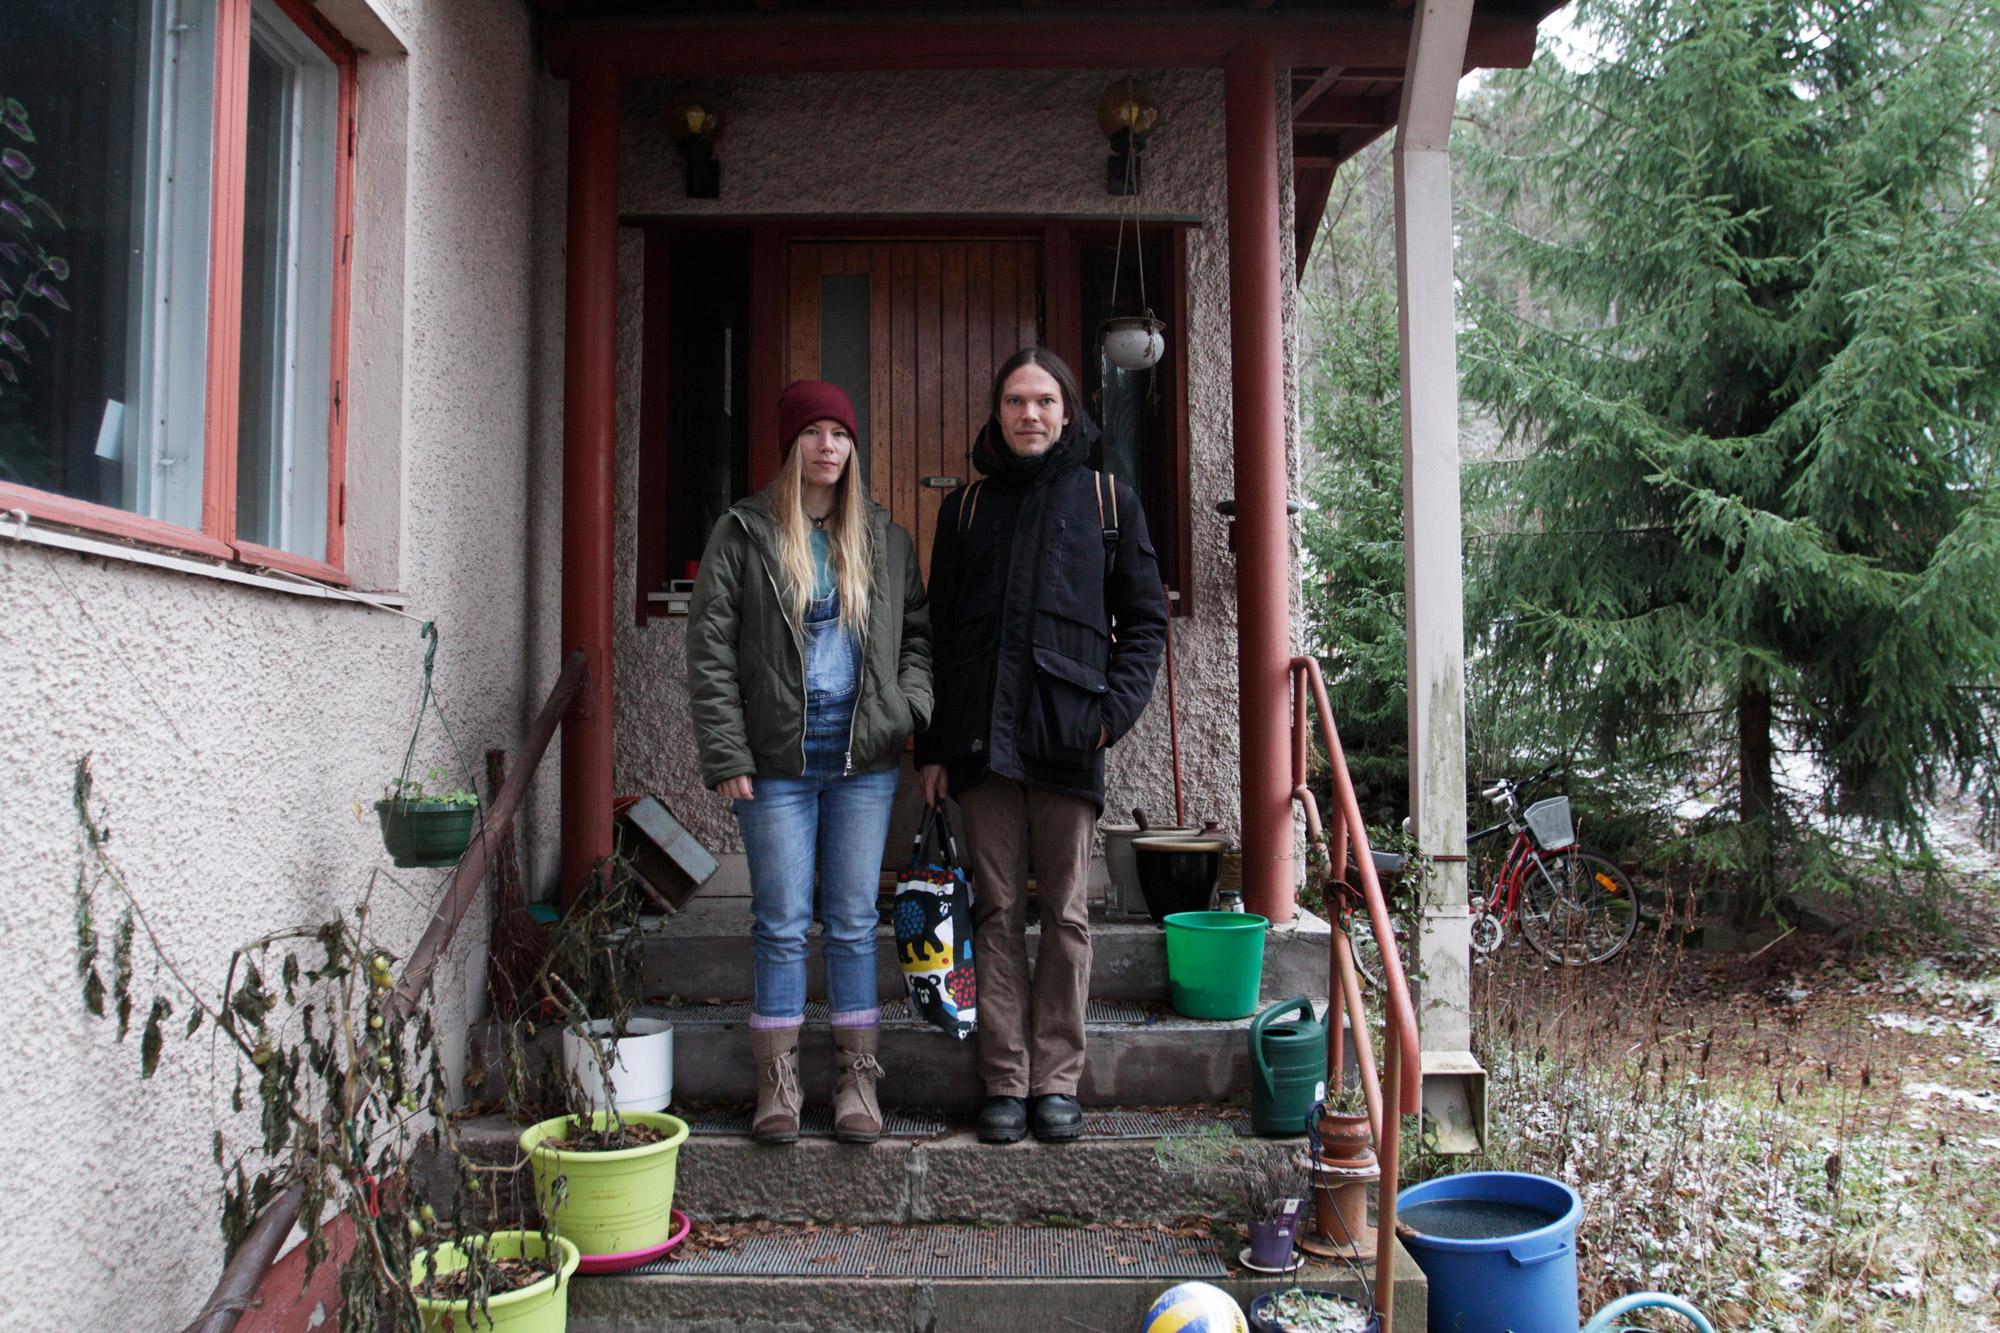 Nainen ja mies seisovat omakotitalon portailla